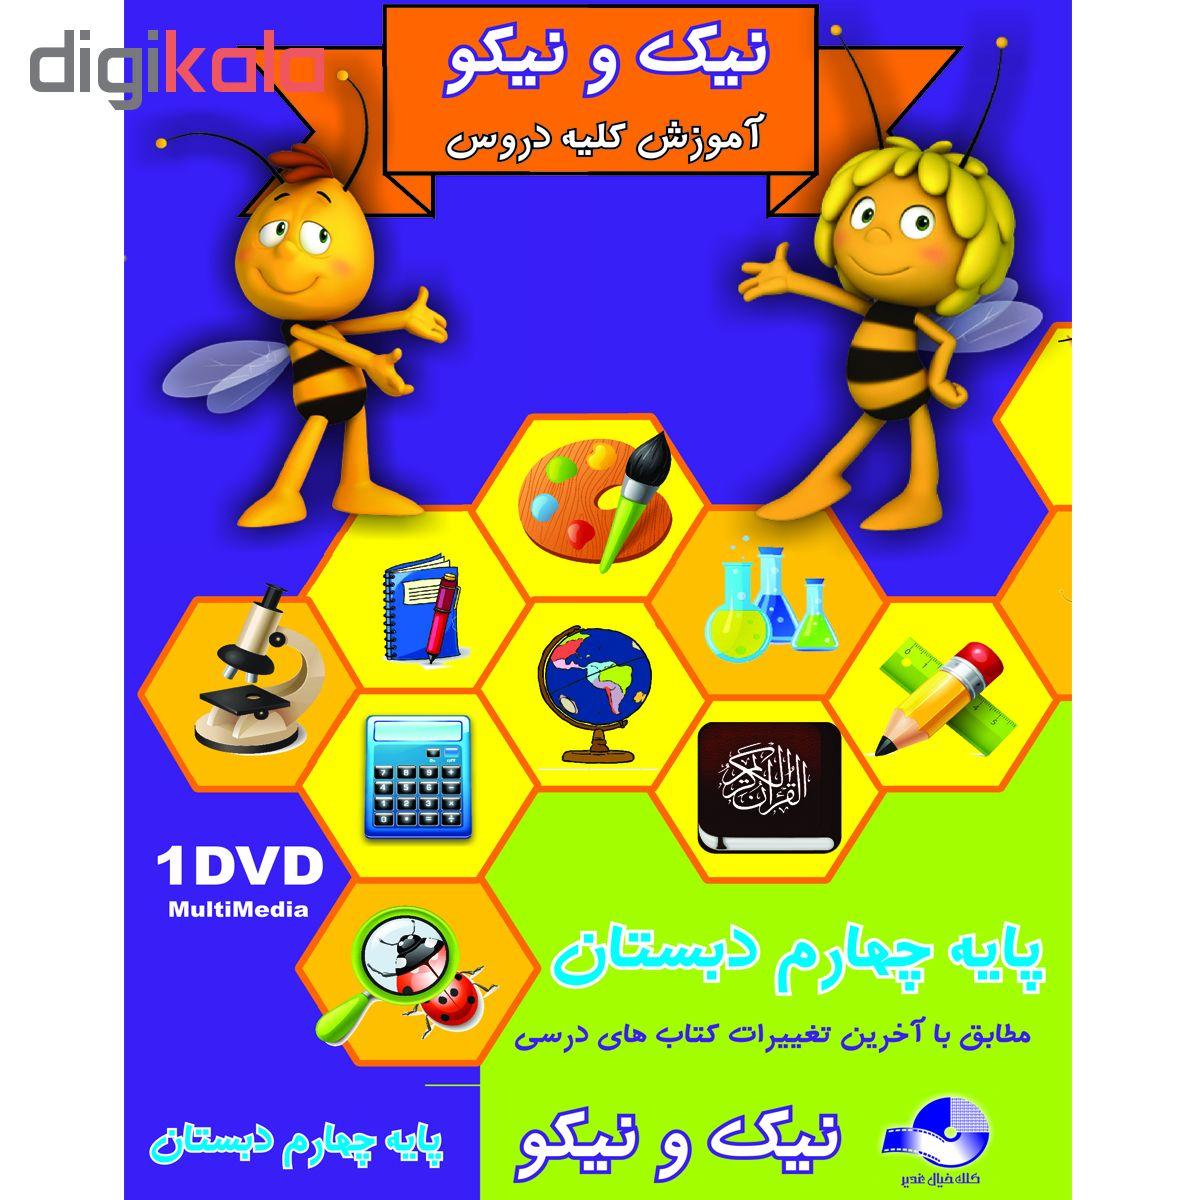 نرم افزار کمک آموزشی نیک و نیکو پایه چهارم دبستان نشر کلک خیال غدیر